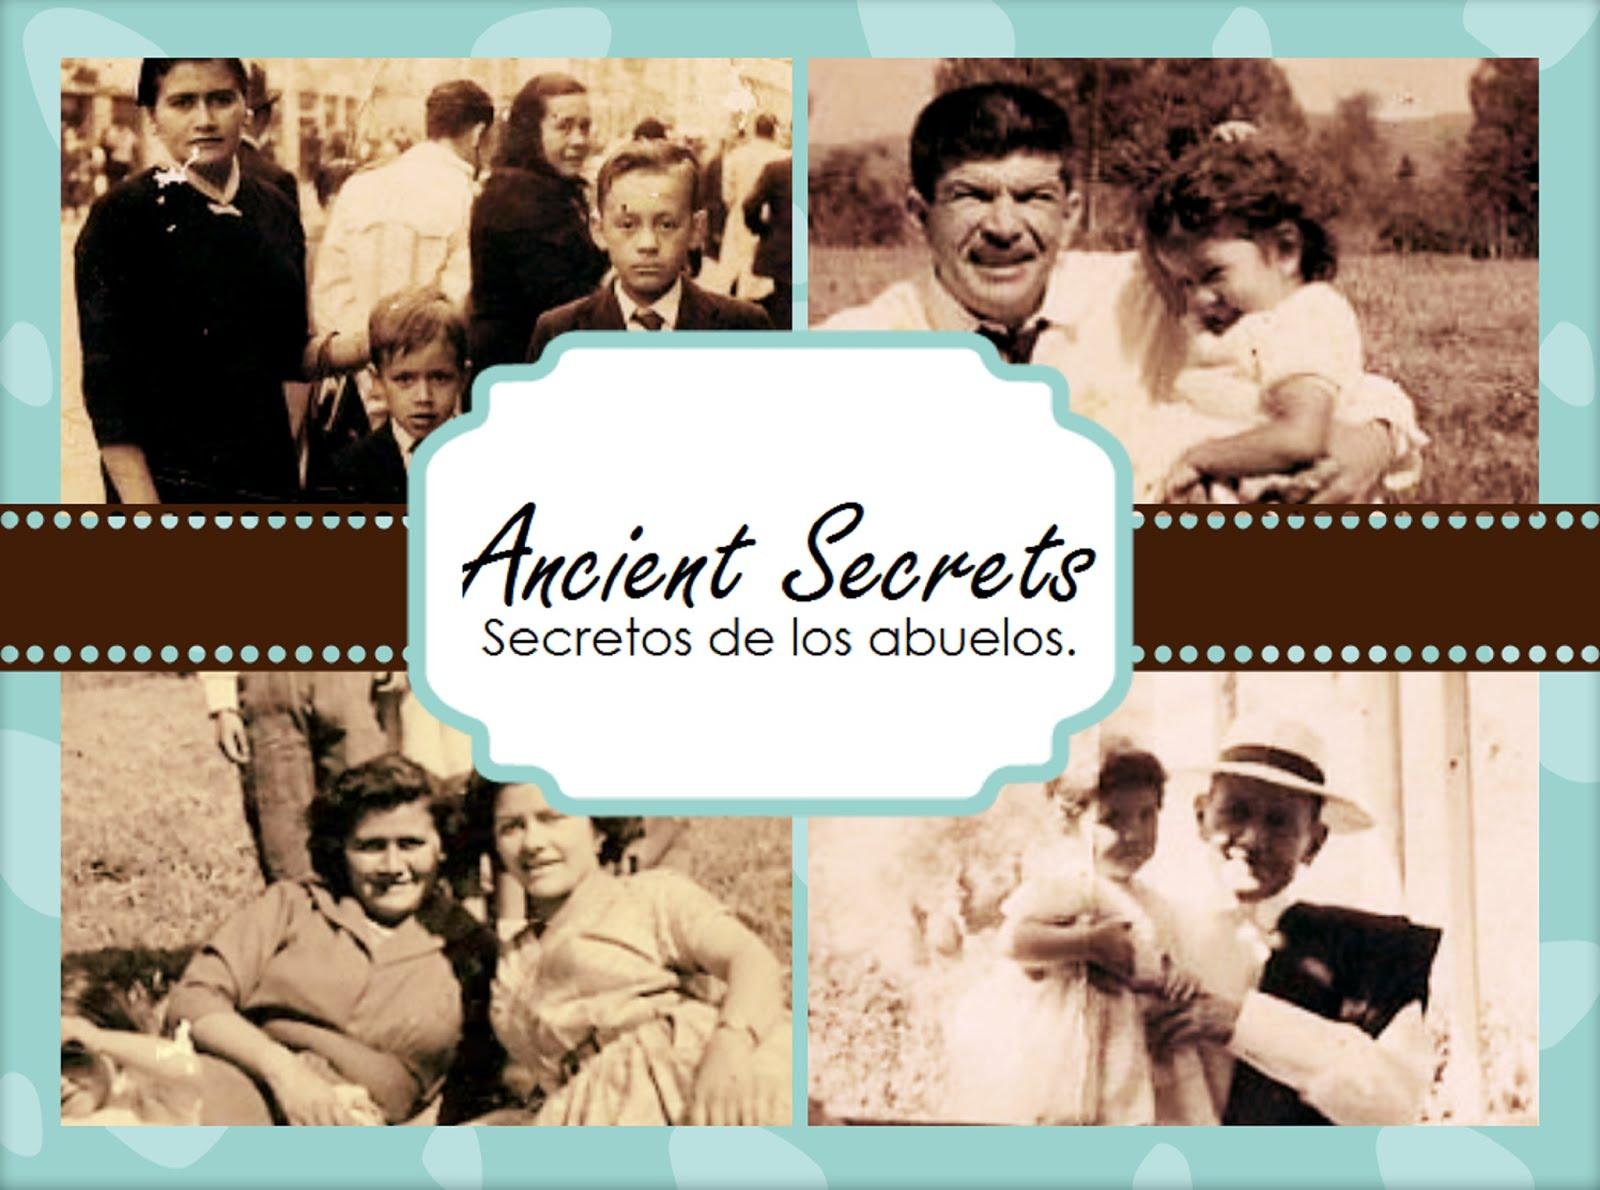 Secretos de los abuelos